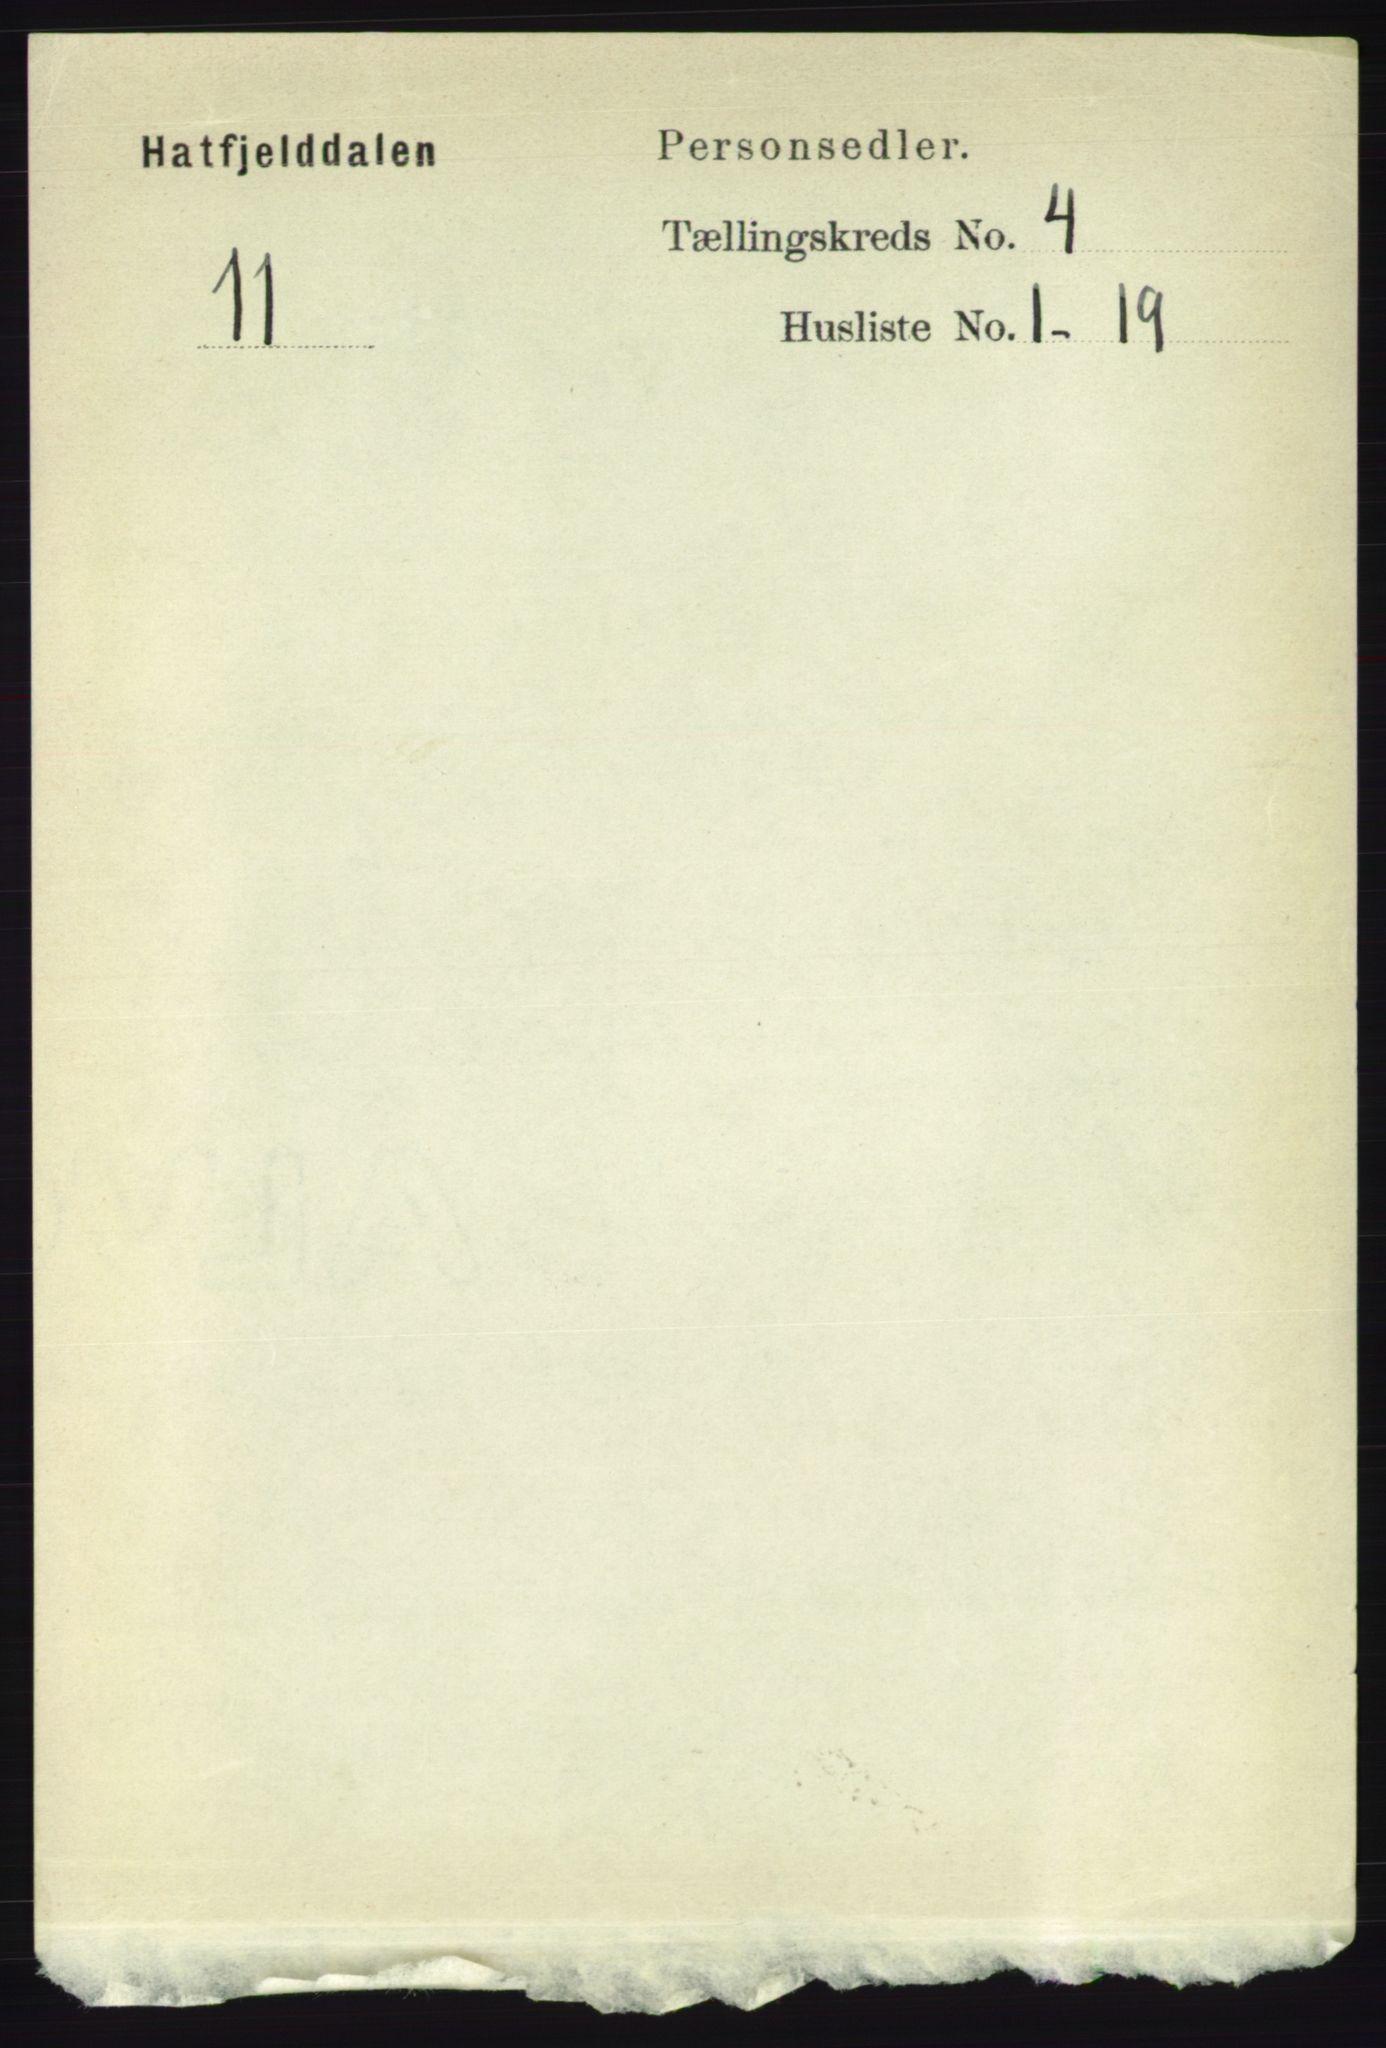 RA, Folketelling 1891 for 1826 Hattfjelldal herred, 1891, s. 917